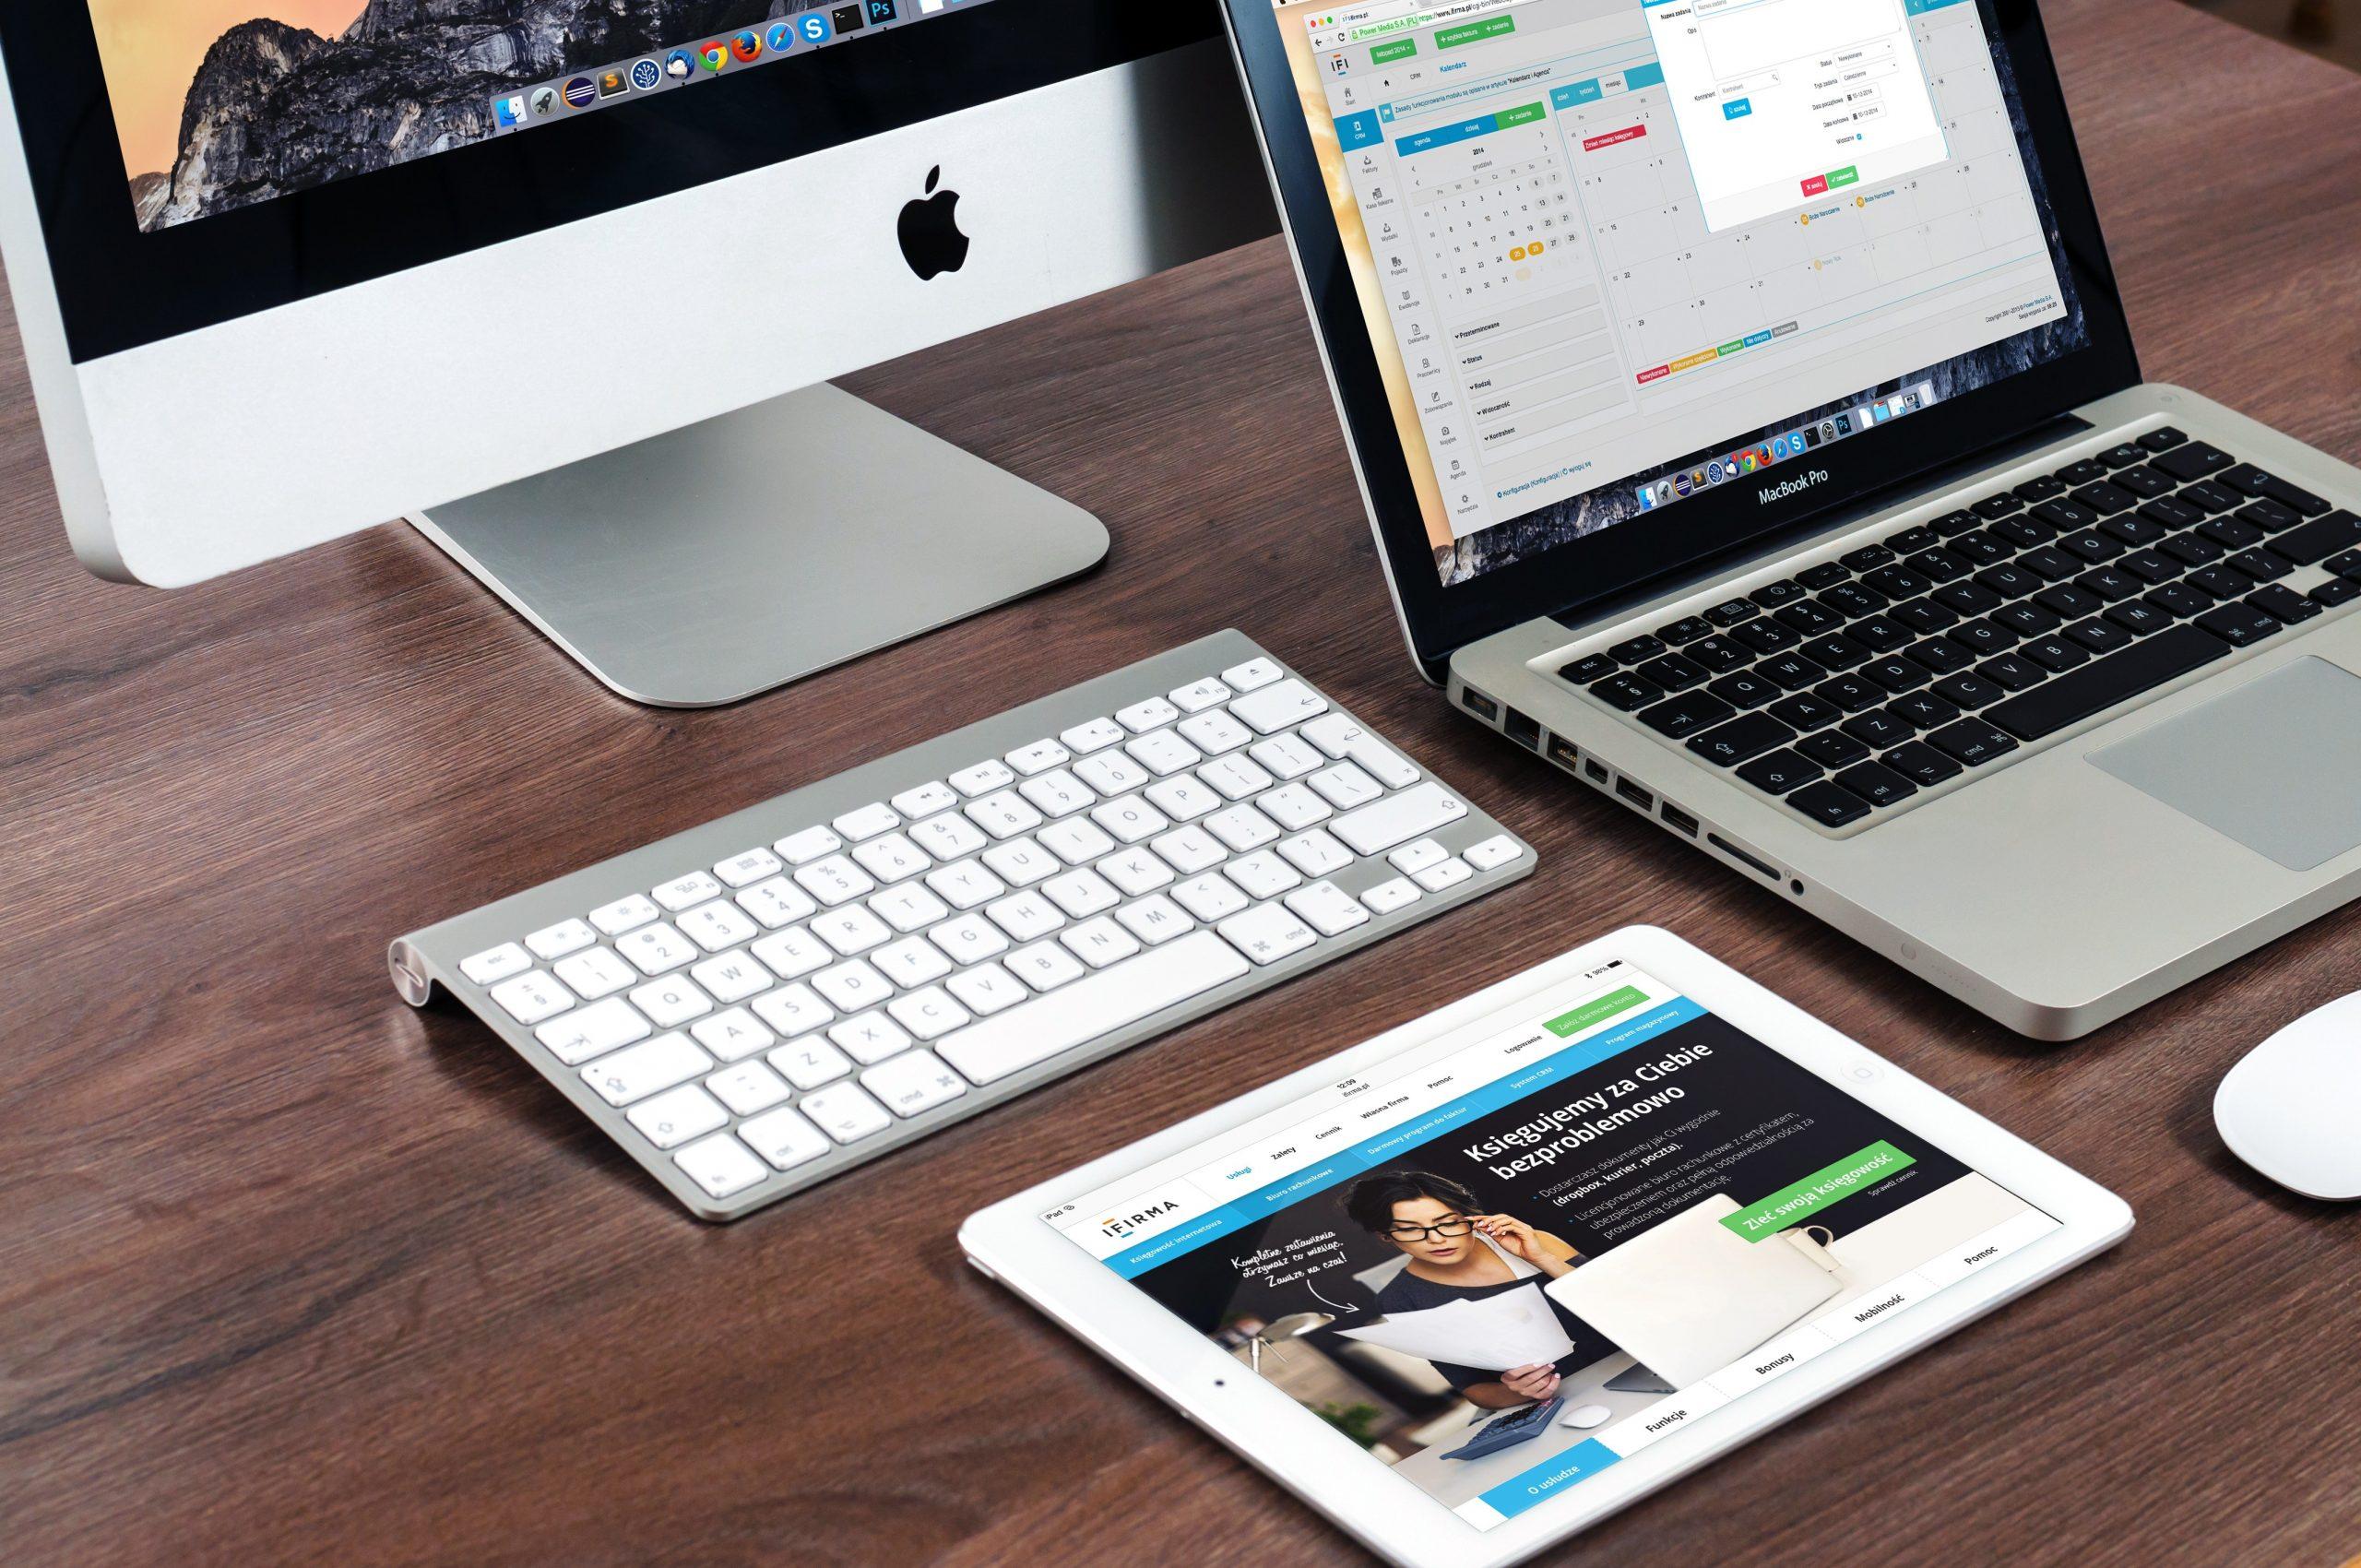 台北網頁設計公司推薦,認清需求找到最適合的網頁設計公司